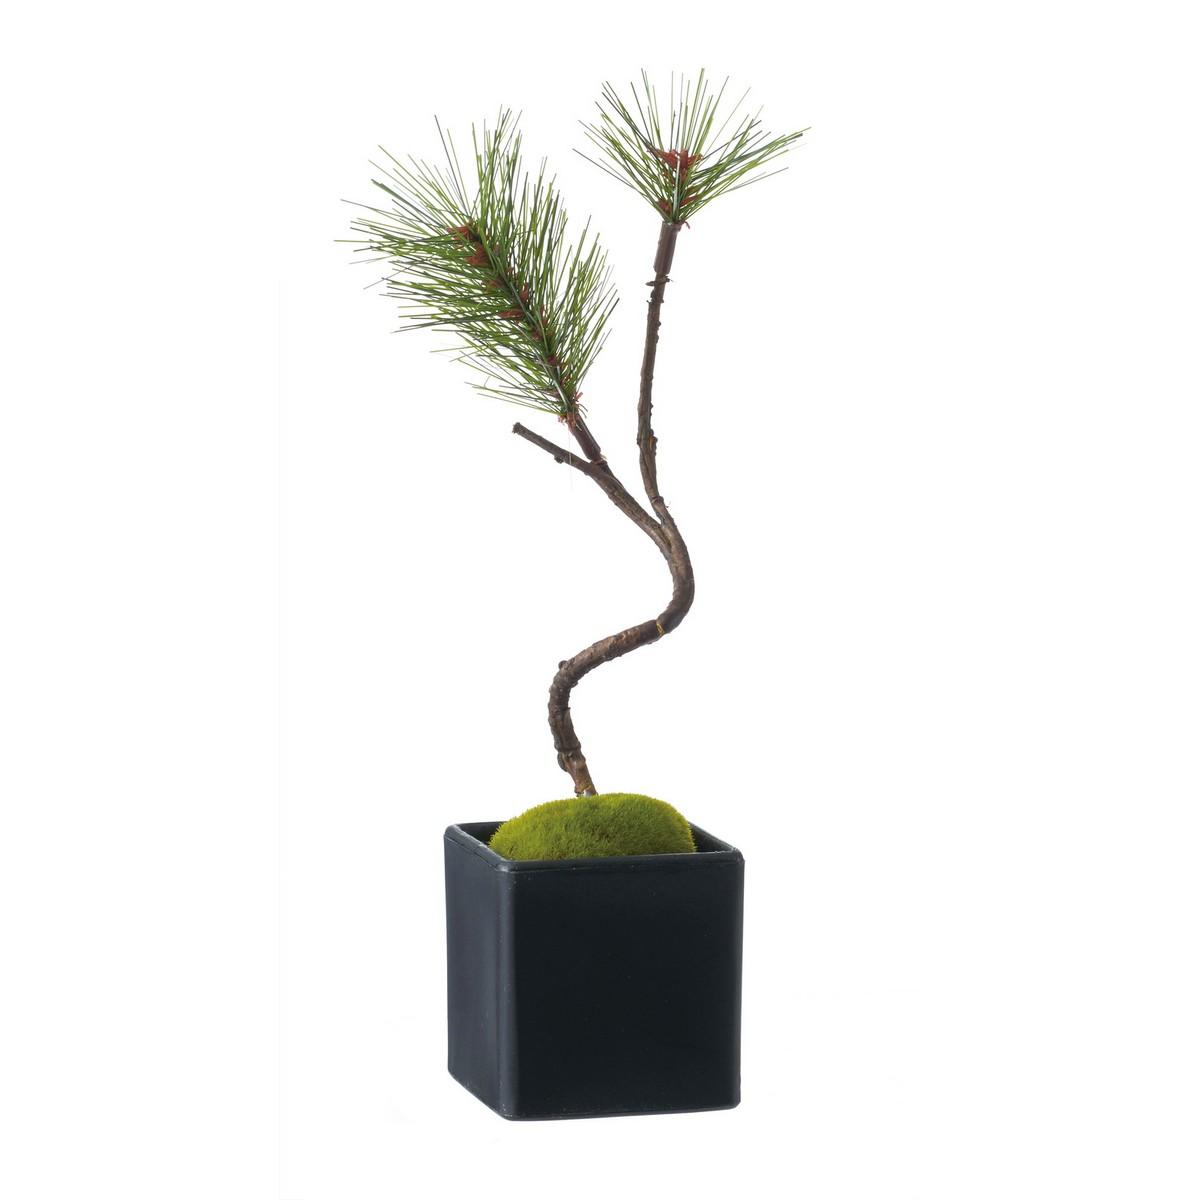 【造花】YDM/黒松盆栽 グリーン/GLA -1353-GR【01】【01】【取寄】《 造花(アーティフィシャルフラワー) 造花枝物 松 》